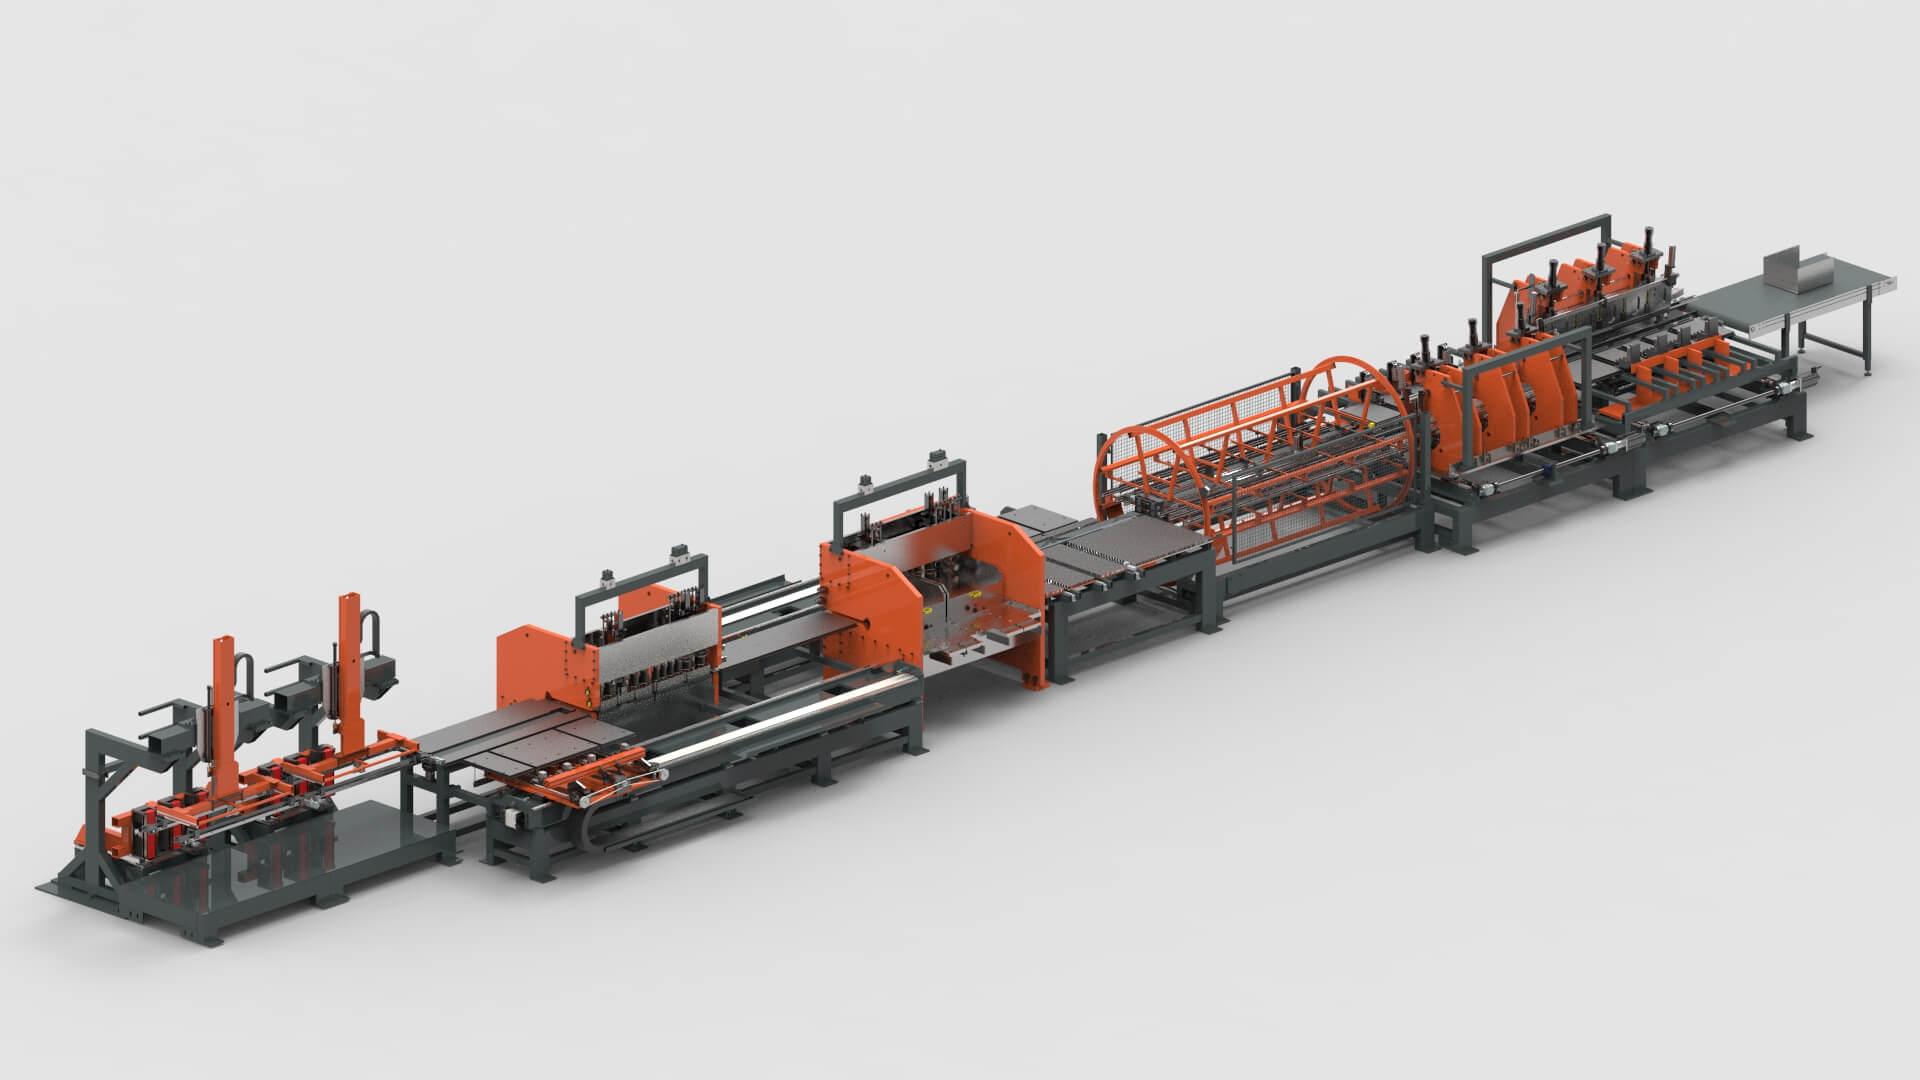 drawers-sheet-metal-punching-bending-production-line.jpg